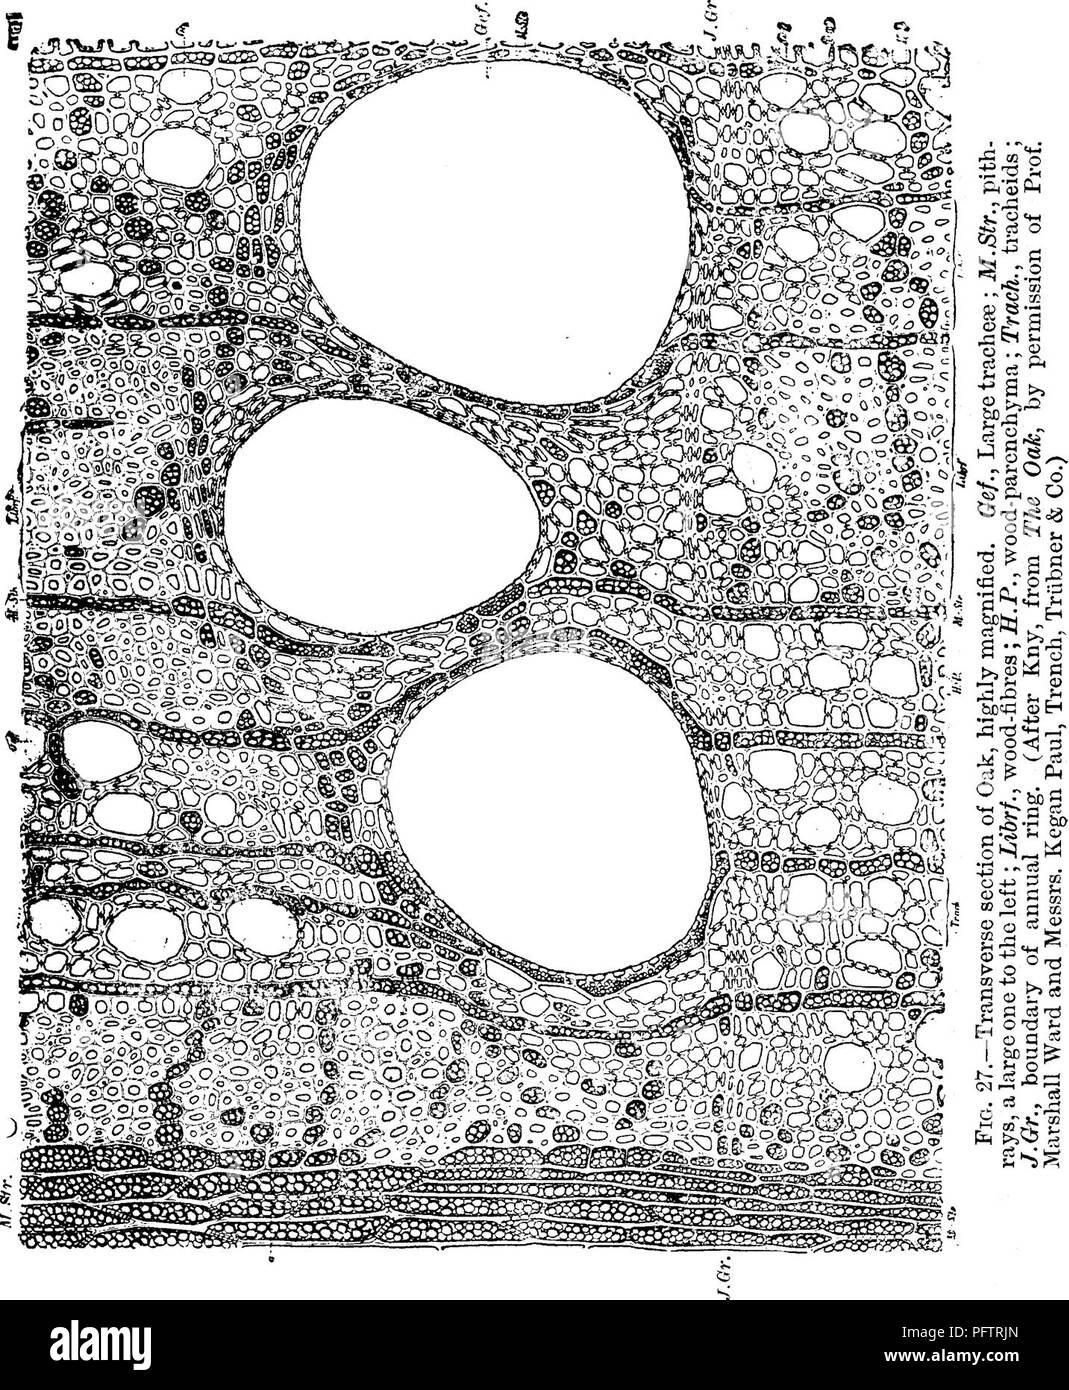 Le Fibre Del Legno legno; un manuale di storia naturale e applicazioni